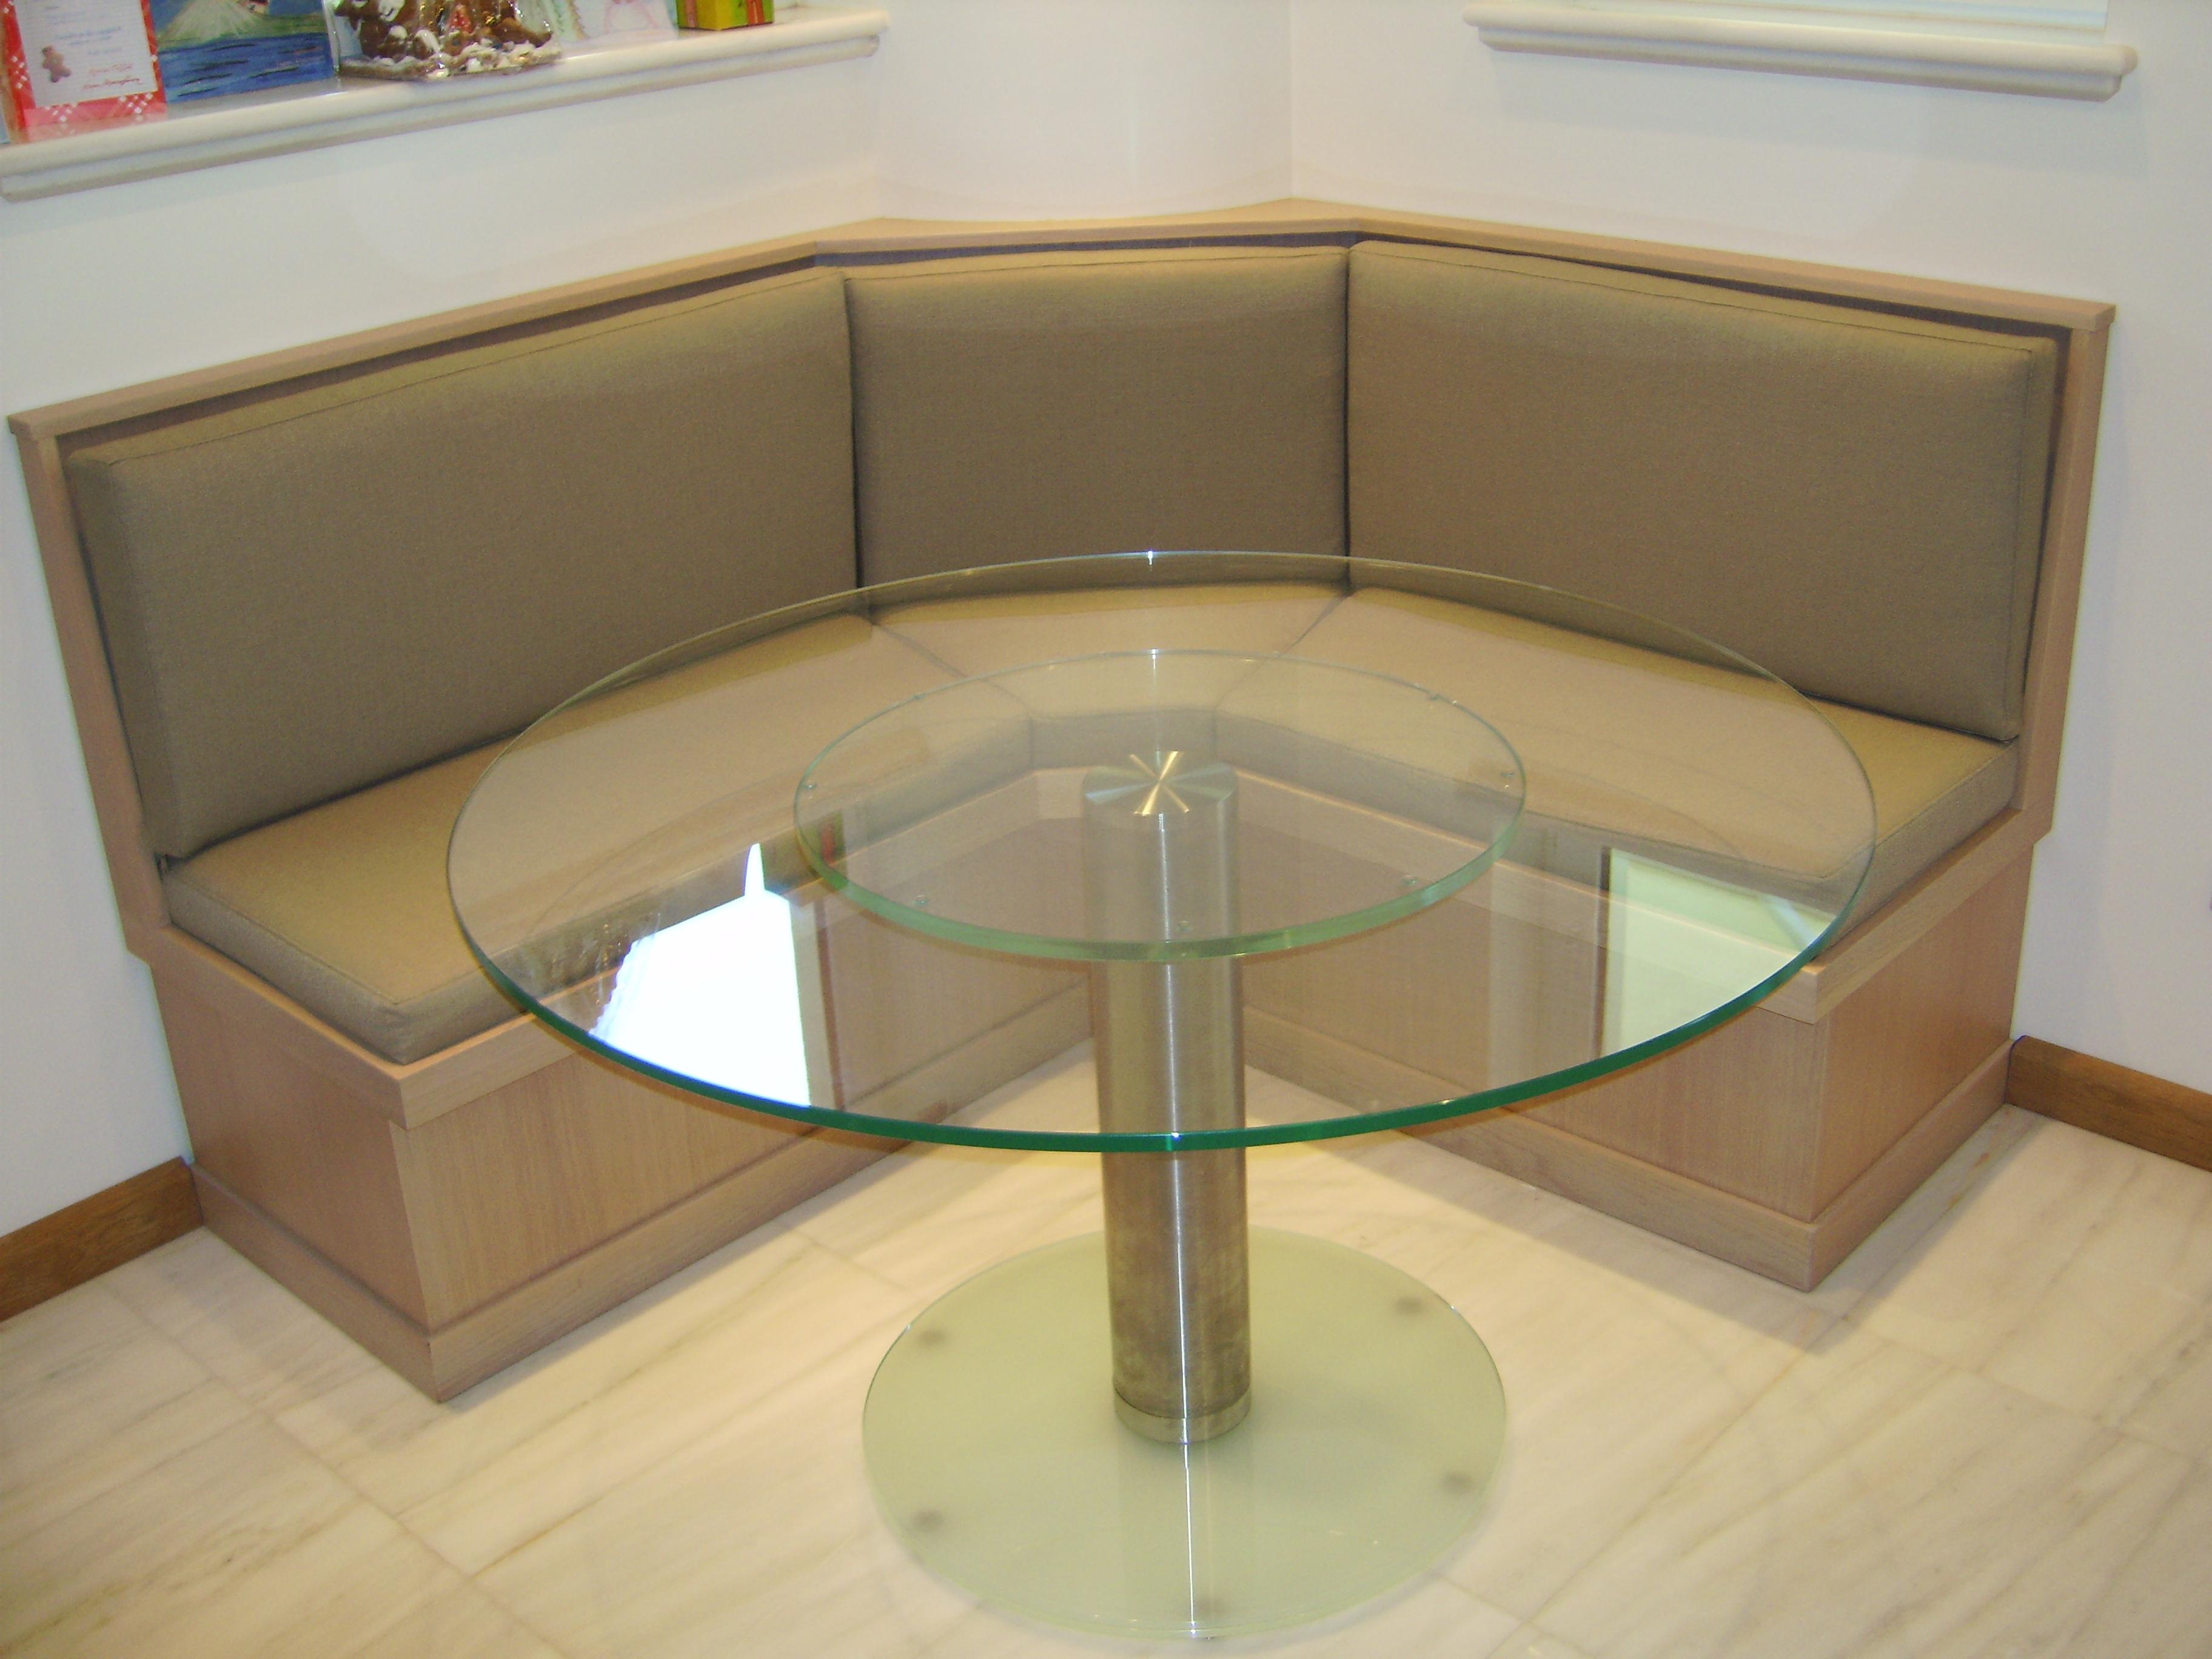 Κρυστάλλινο στρογγυλό τραπέζι